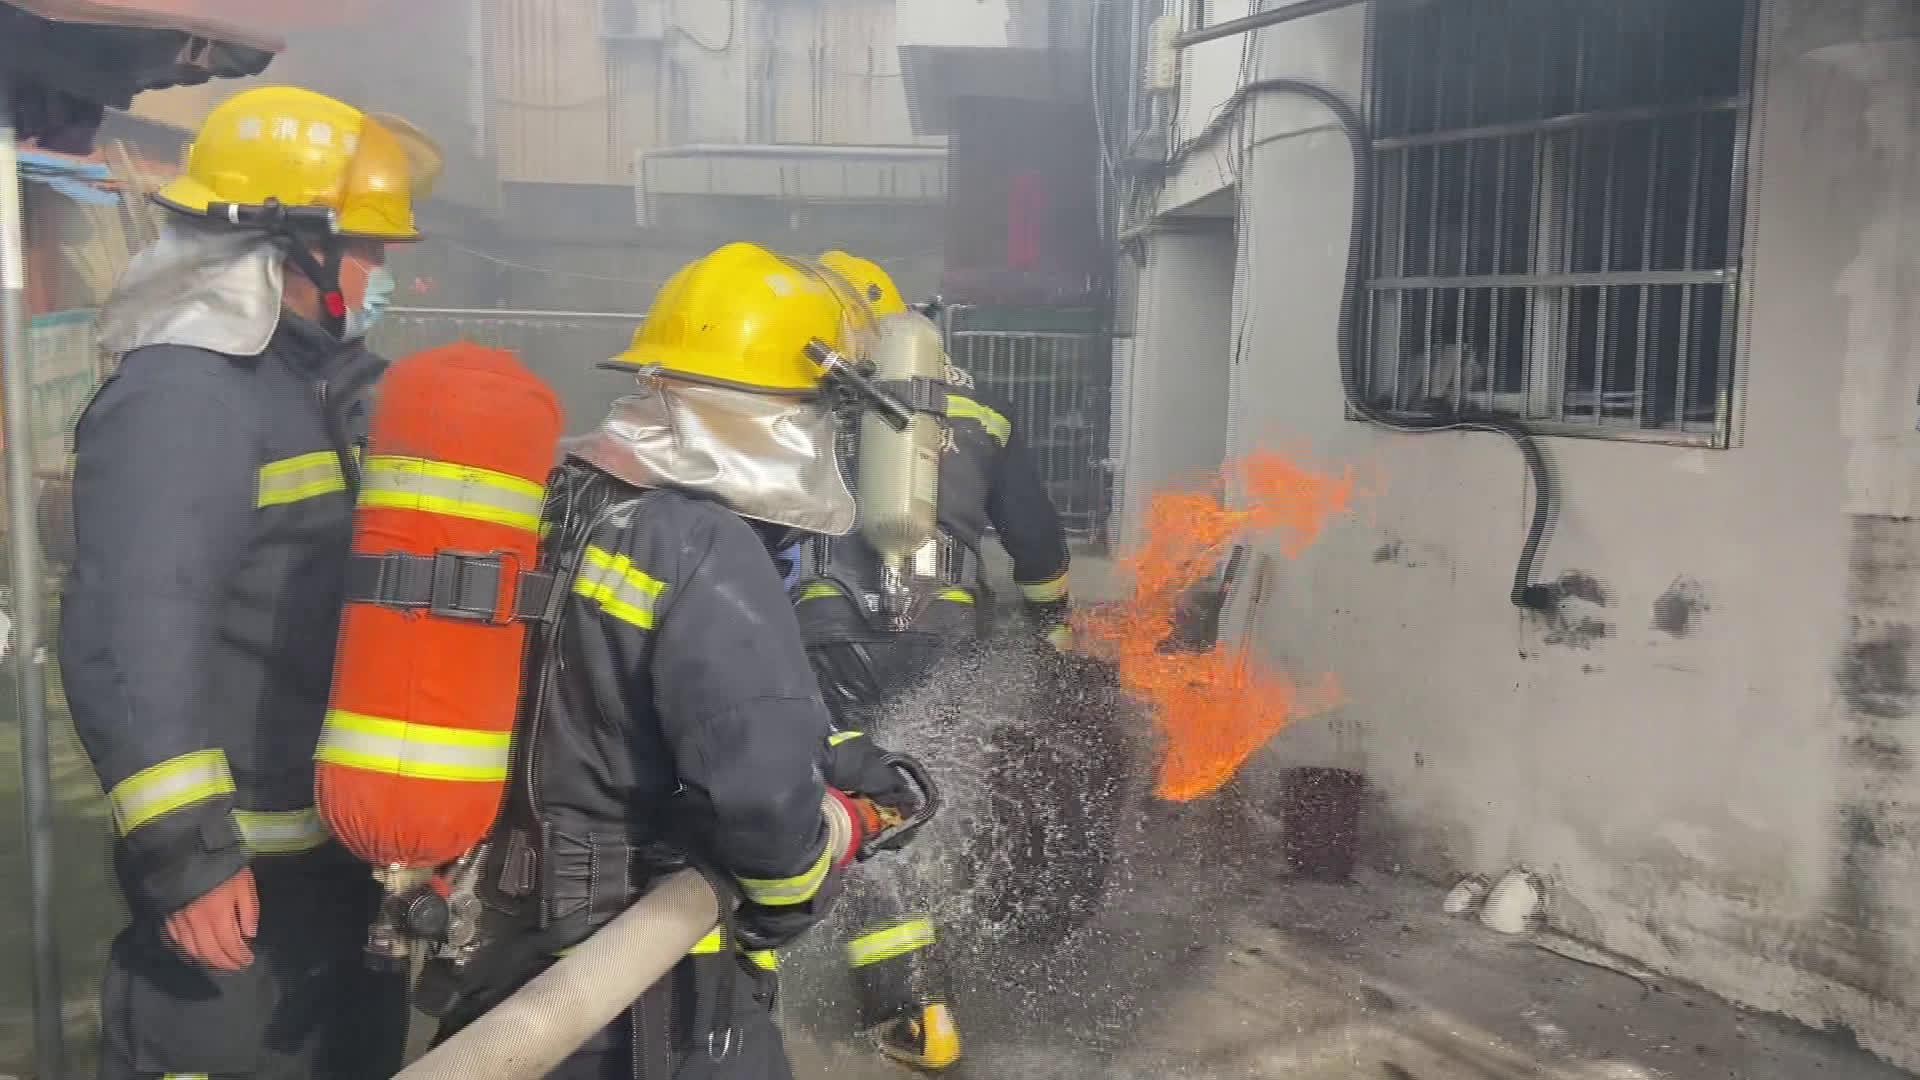 宣城 厨房着火 消防员从大火中拎出液化气罐